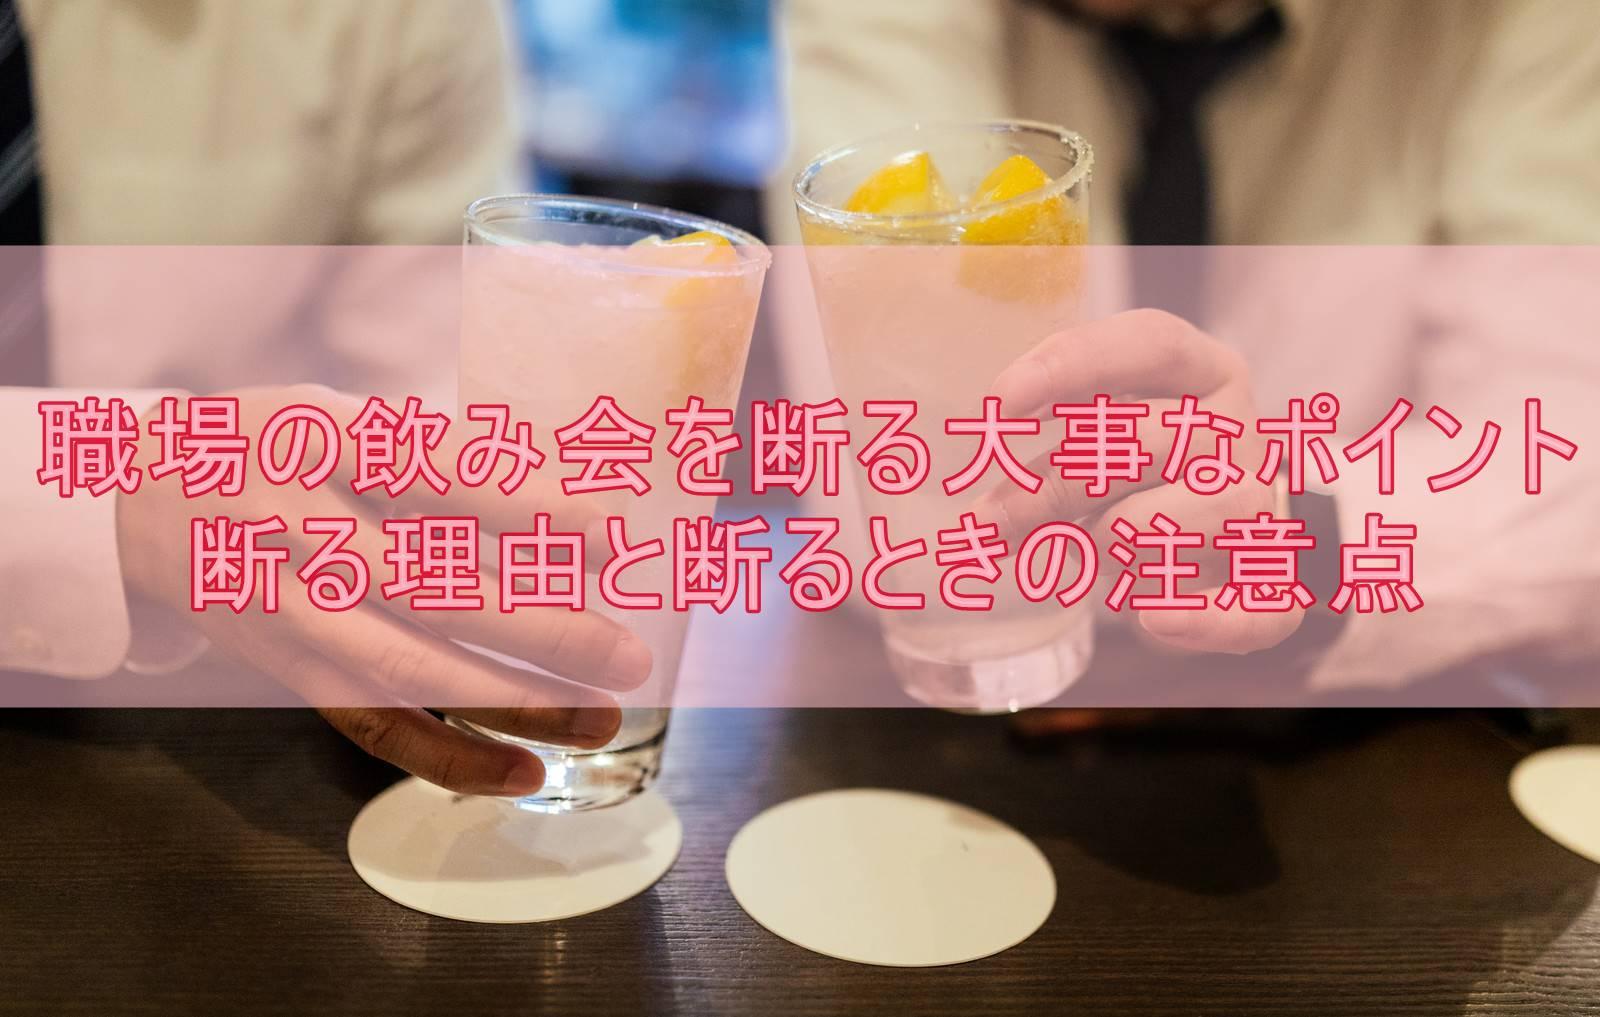 職場の飲み会を断るときの大事なポイント。理由と注意点